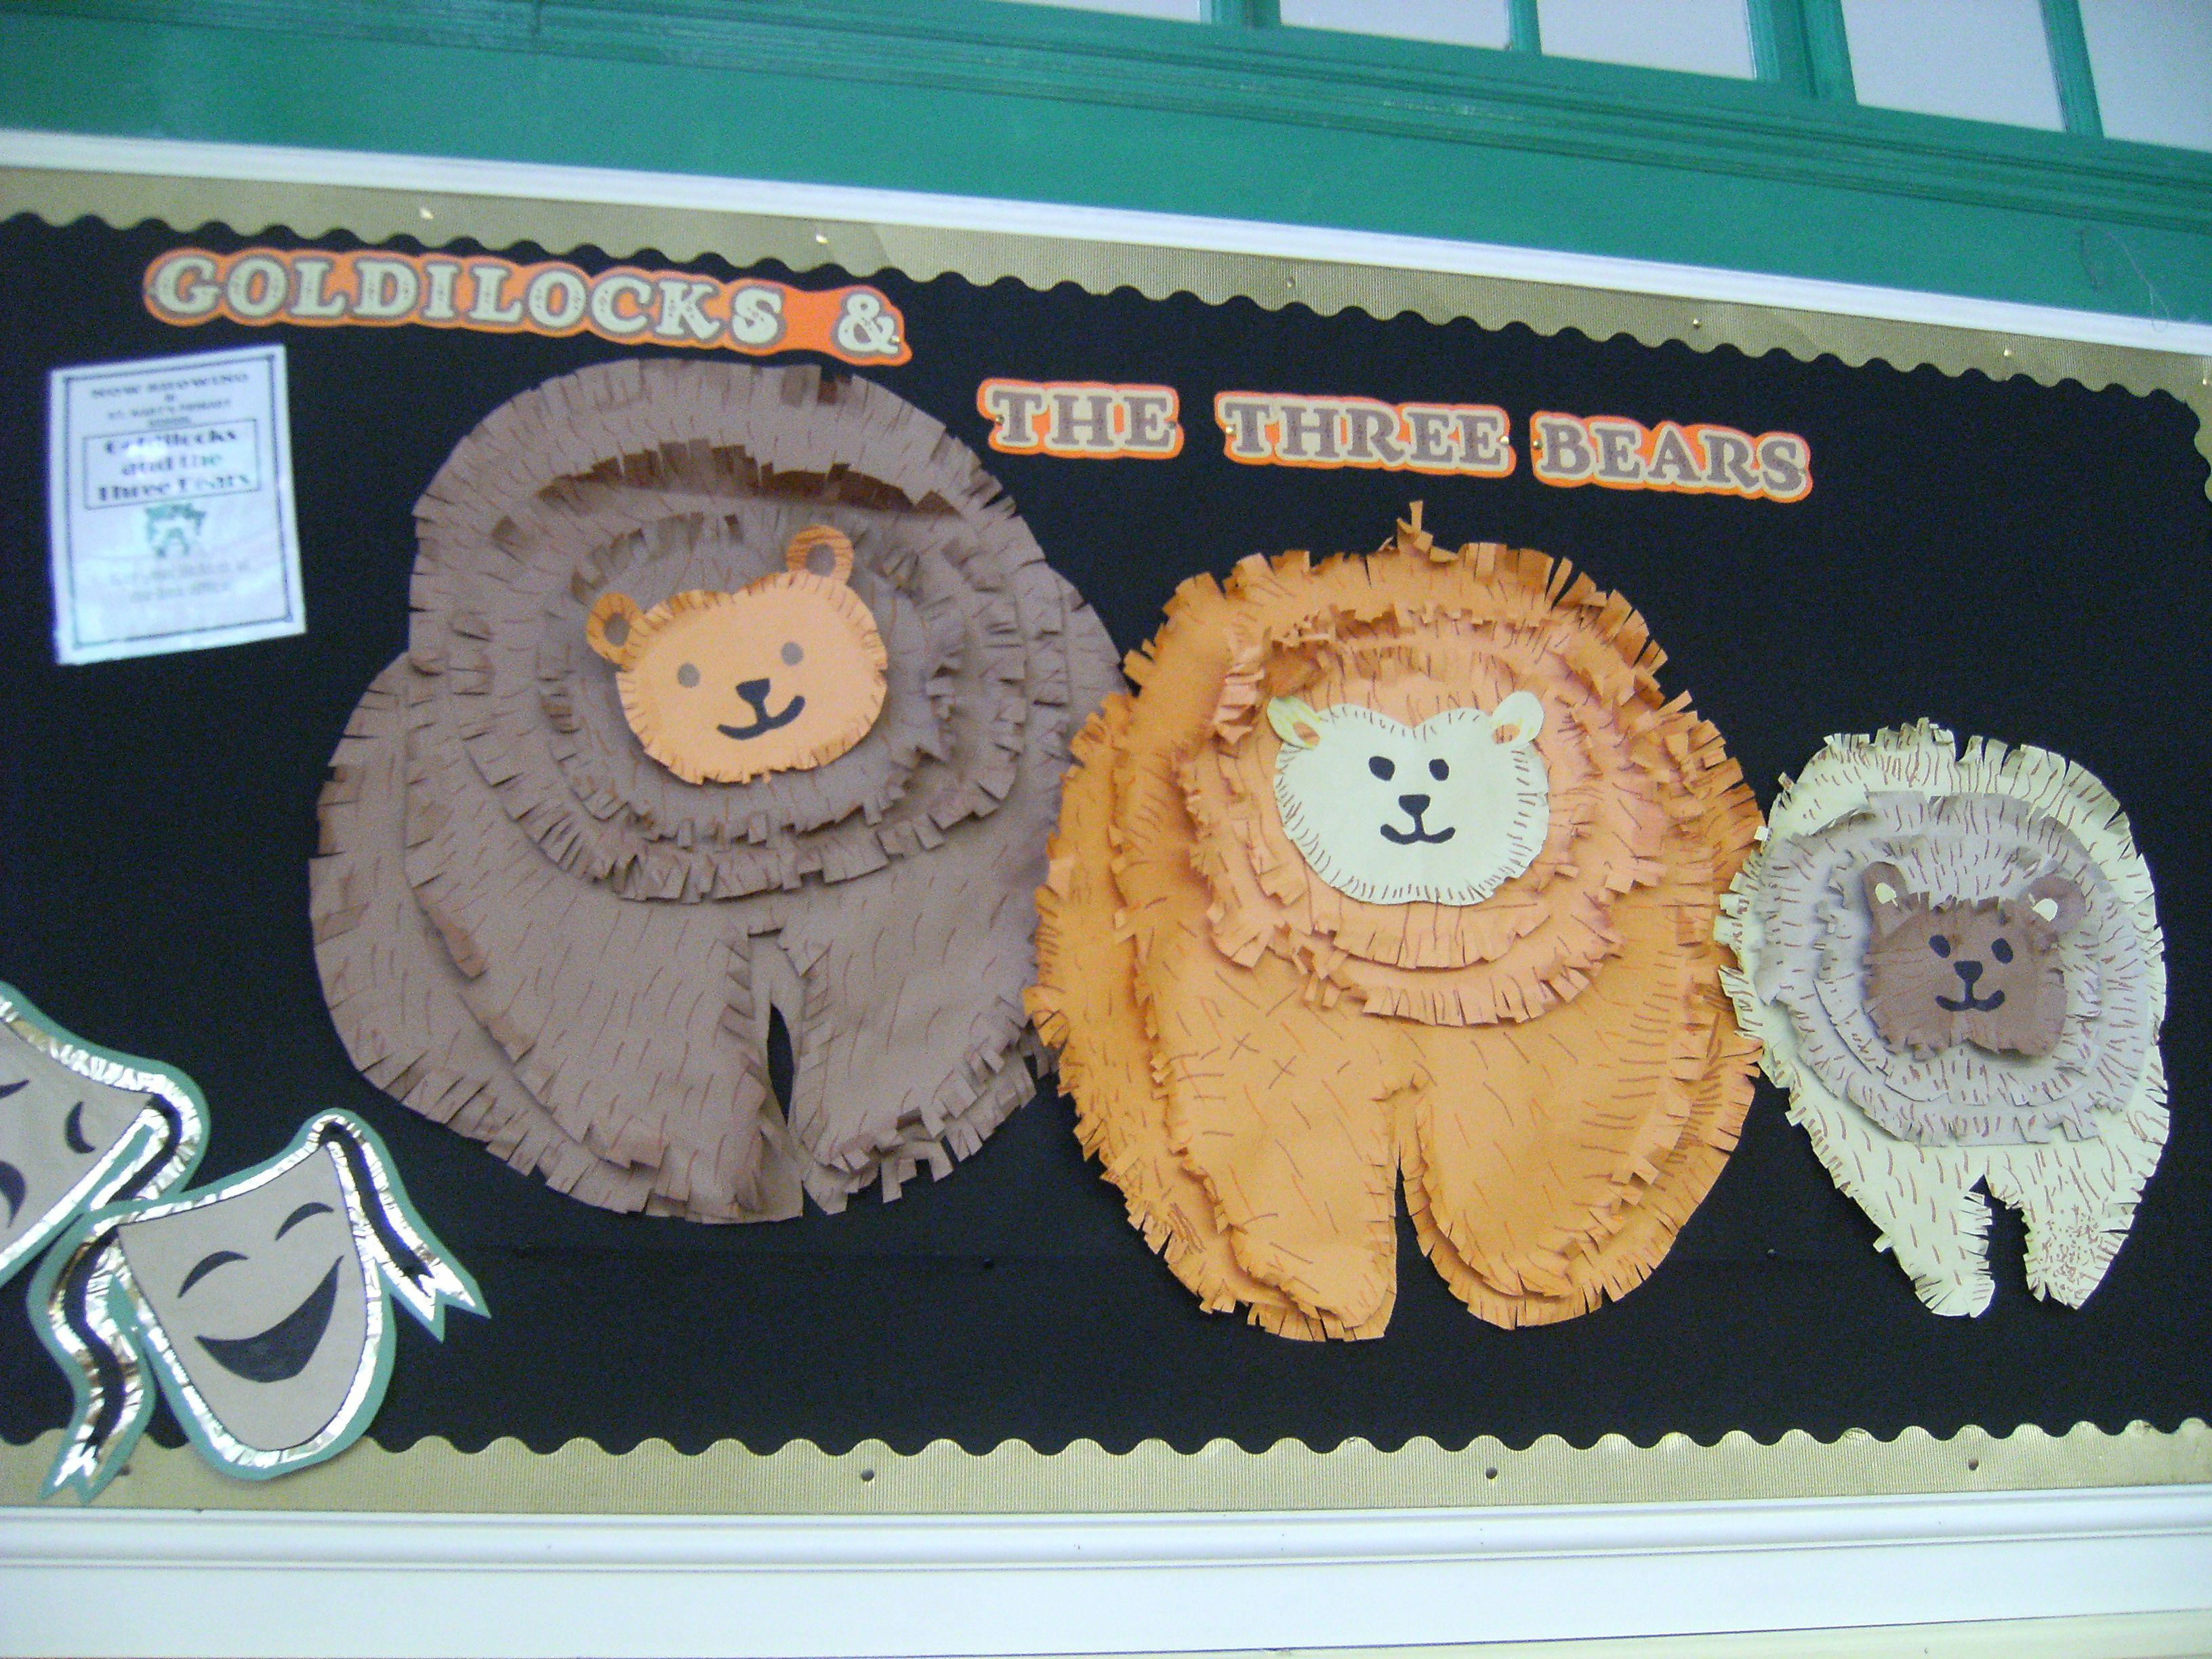 Goldilocks Display Demonstrating Cutting Skills